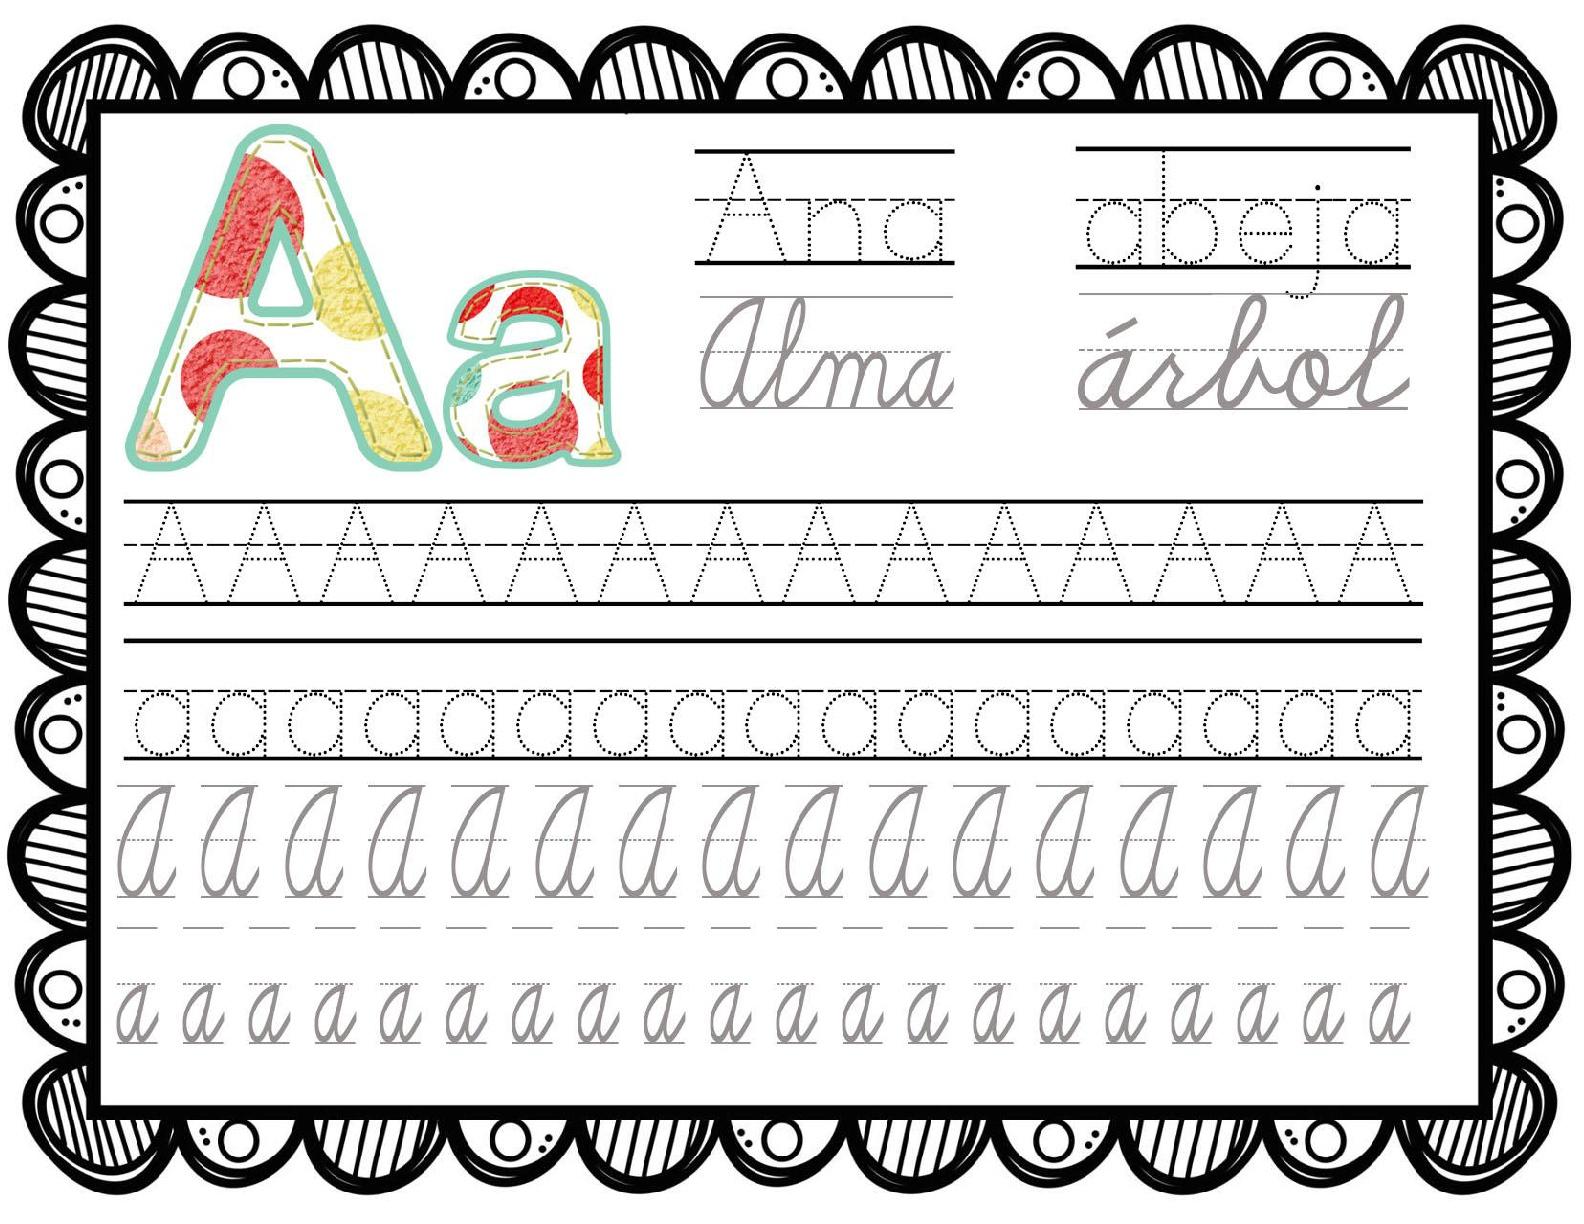 librito-practico-para-el-comienzo-de-la-escritura-en-infantil-o-preescolar-2